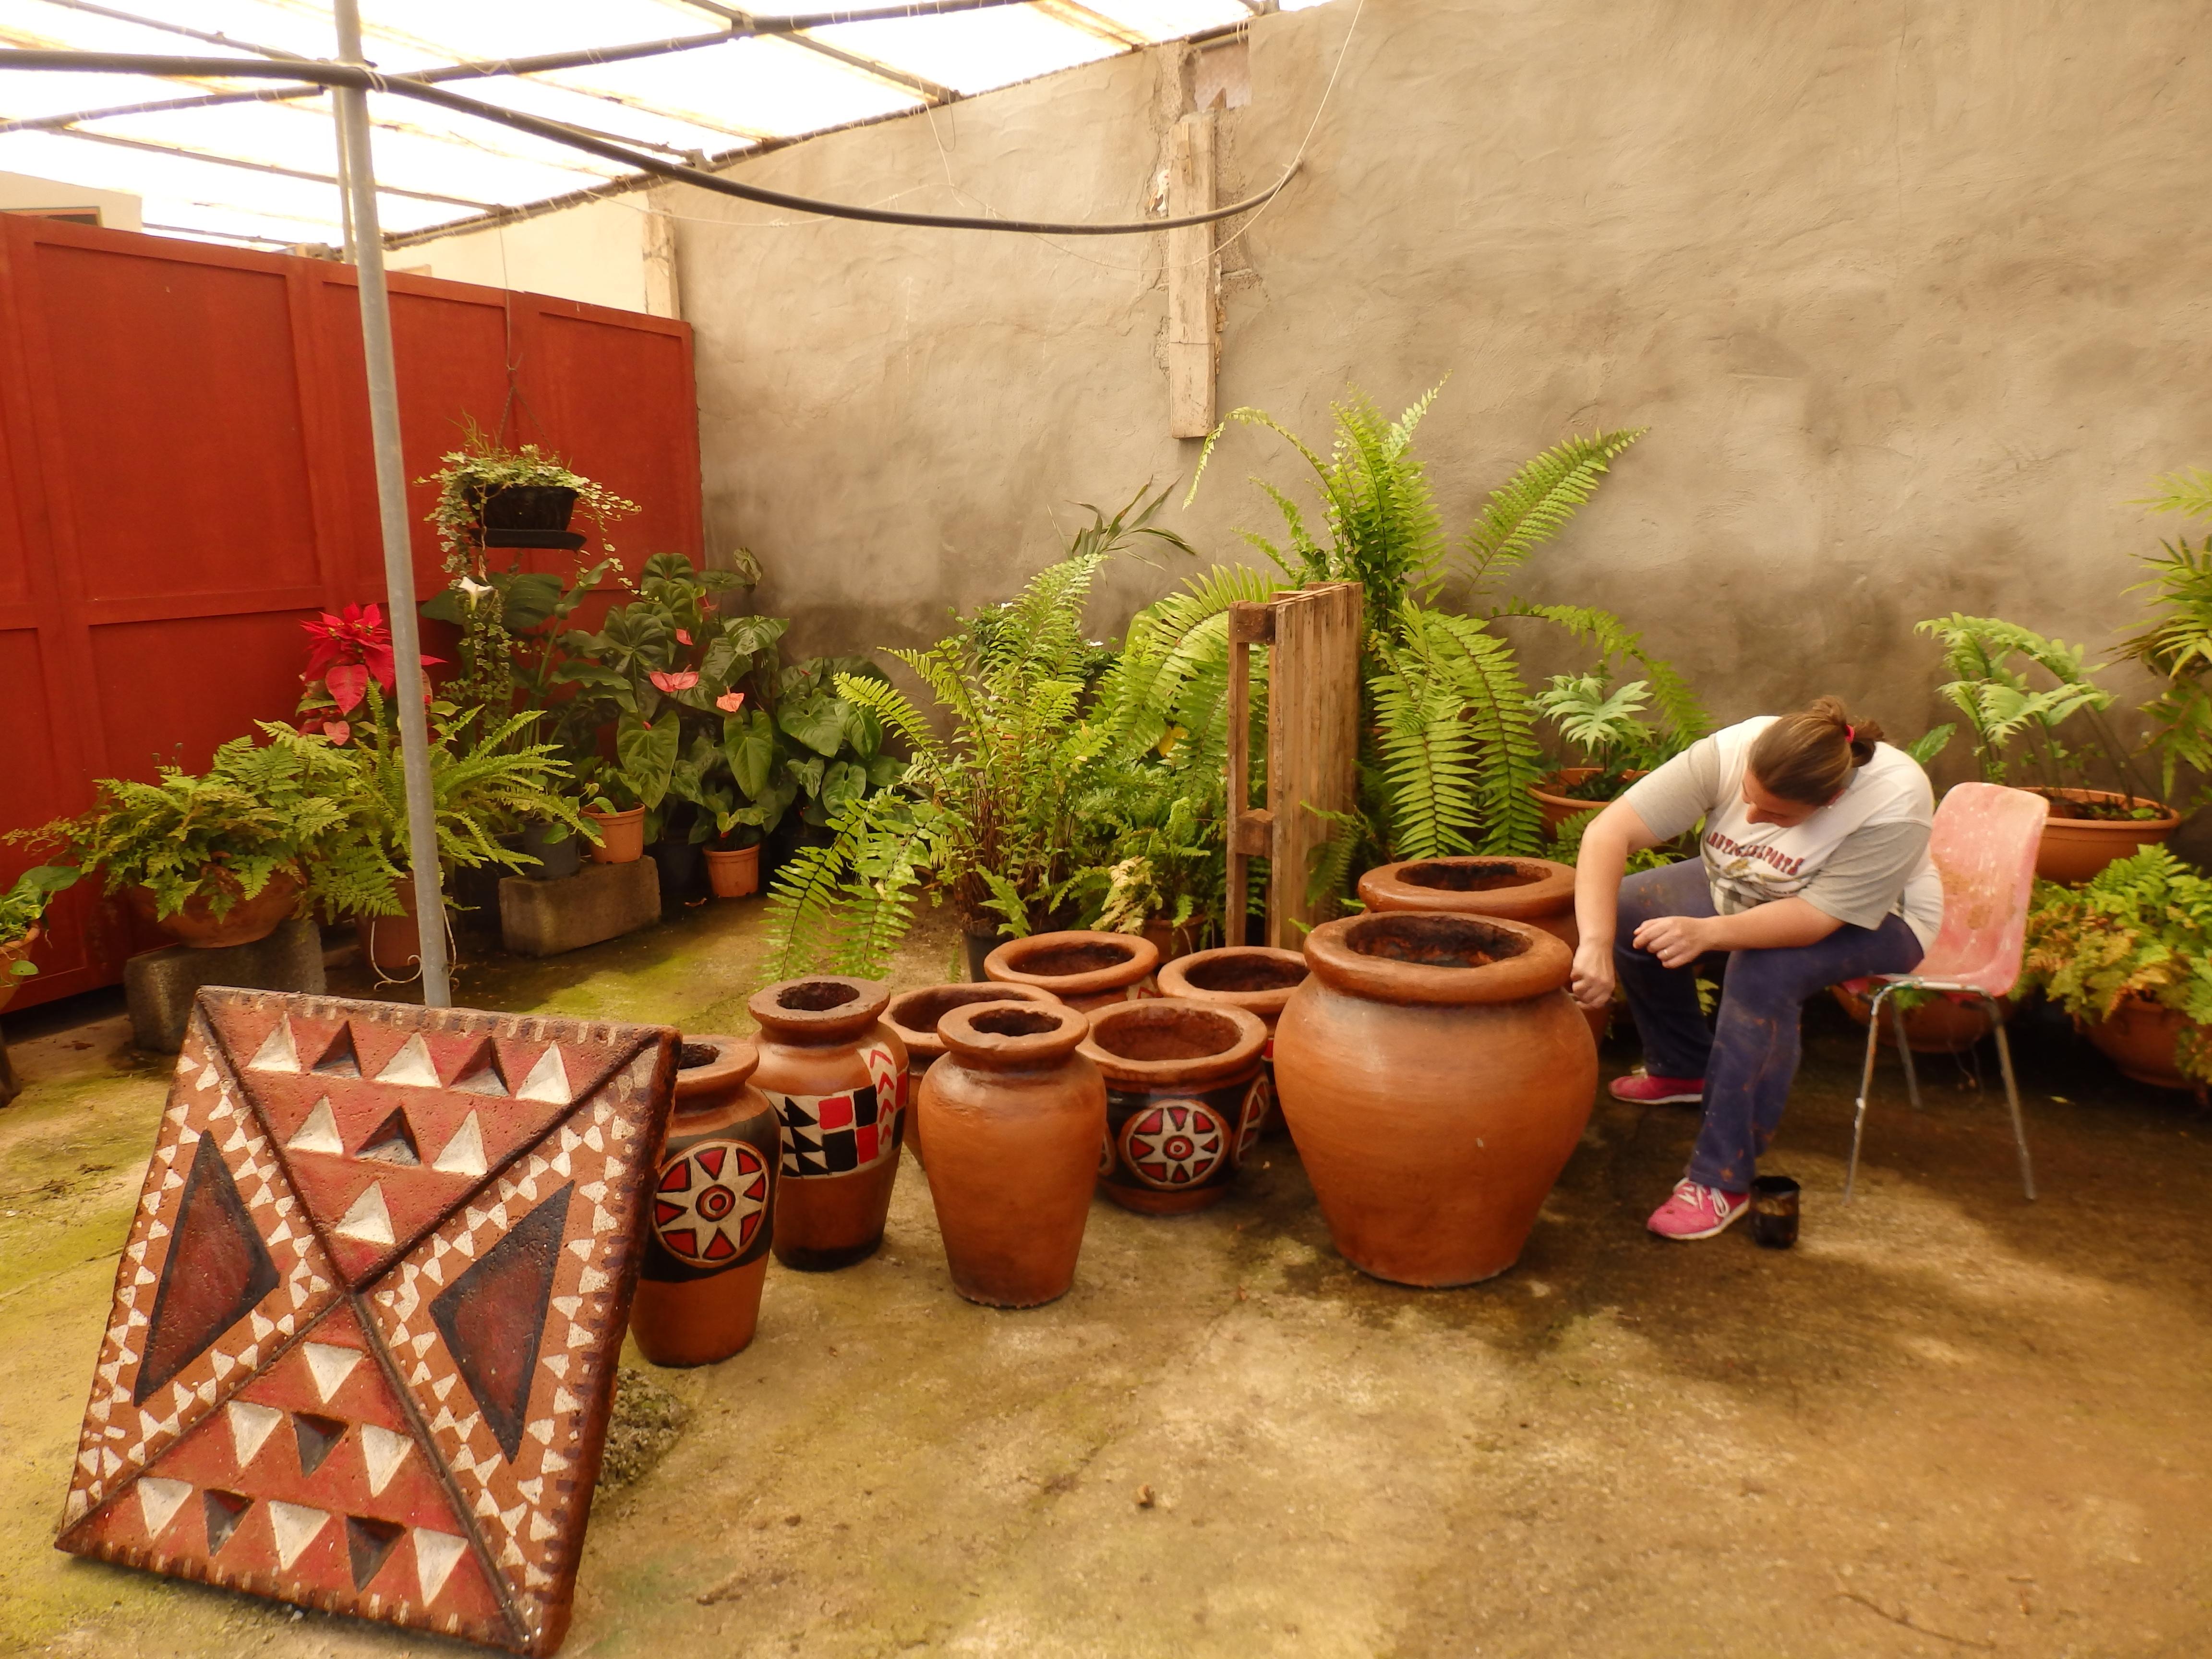 Elementos decorativos para jardin ideas de disenos for Decoracion de parques y jardines